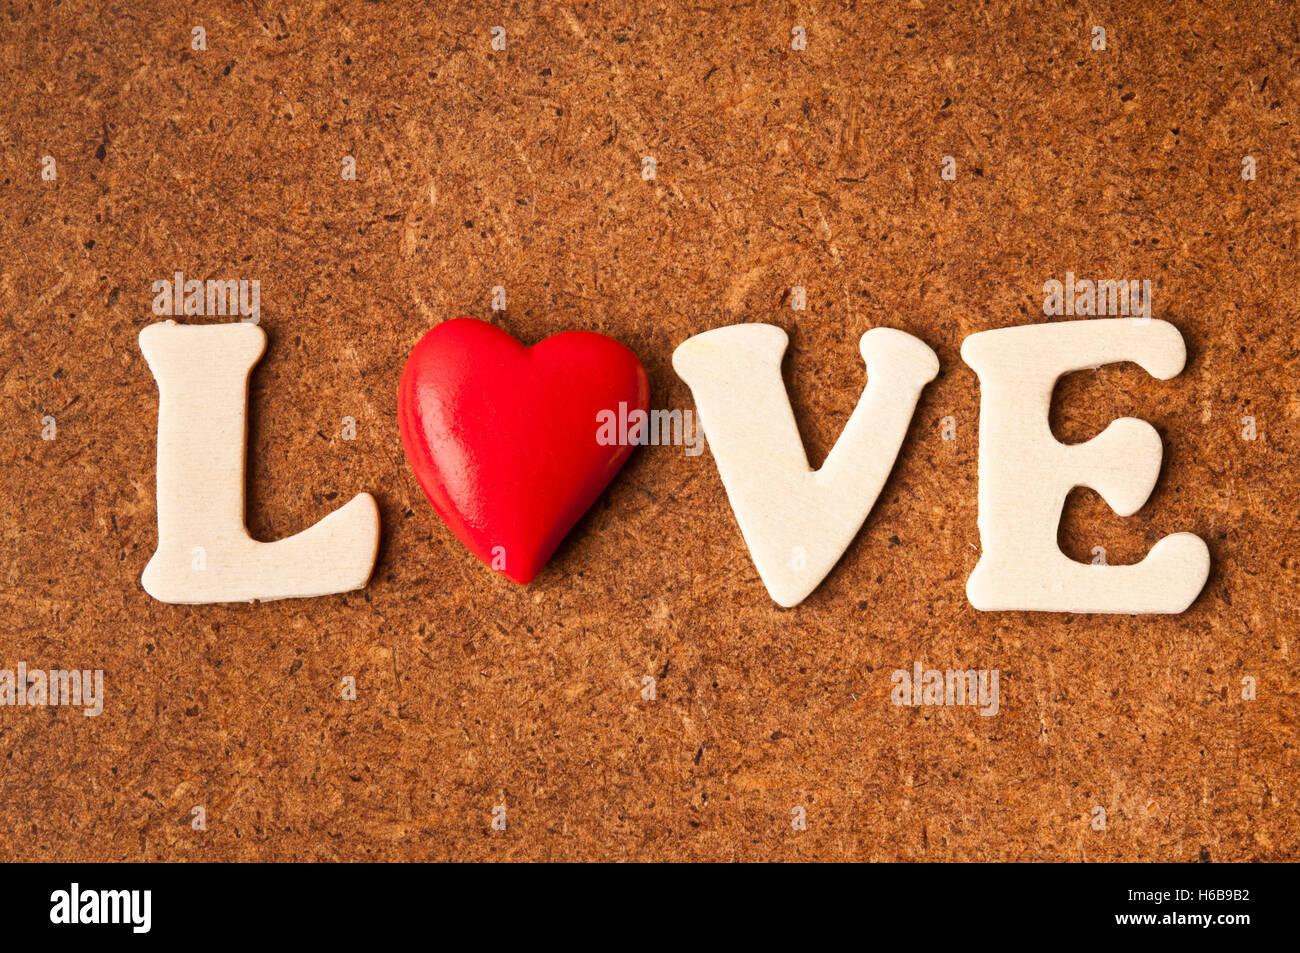 La parola amore formata con lettere in legno e una a forma di cuore ad coriandoli, concetto di amore Immagini Stock